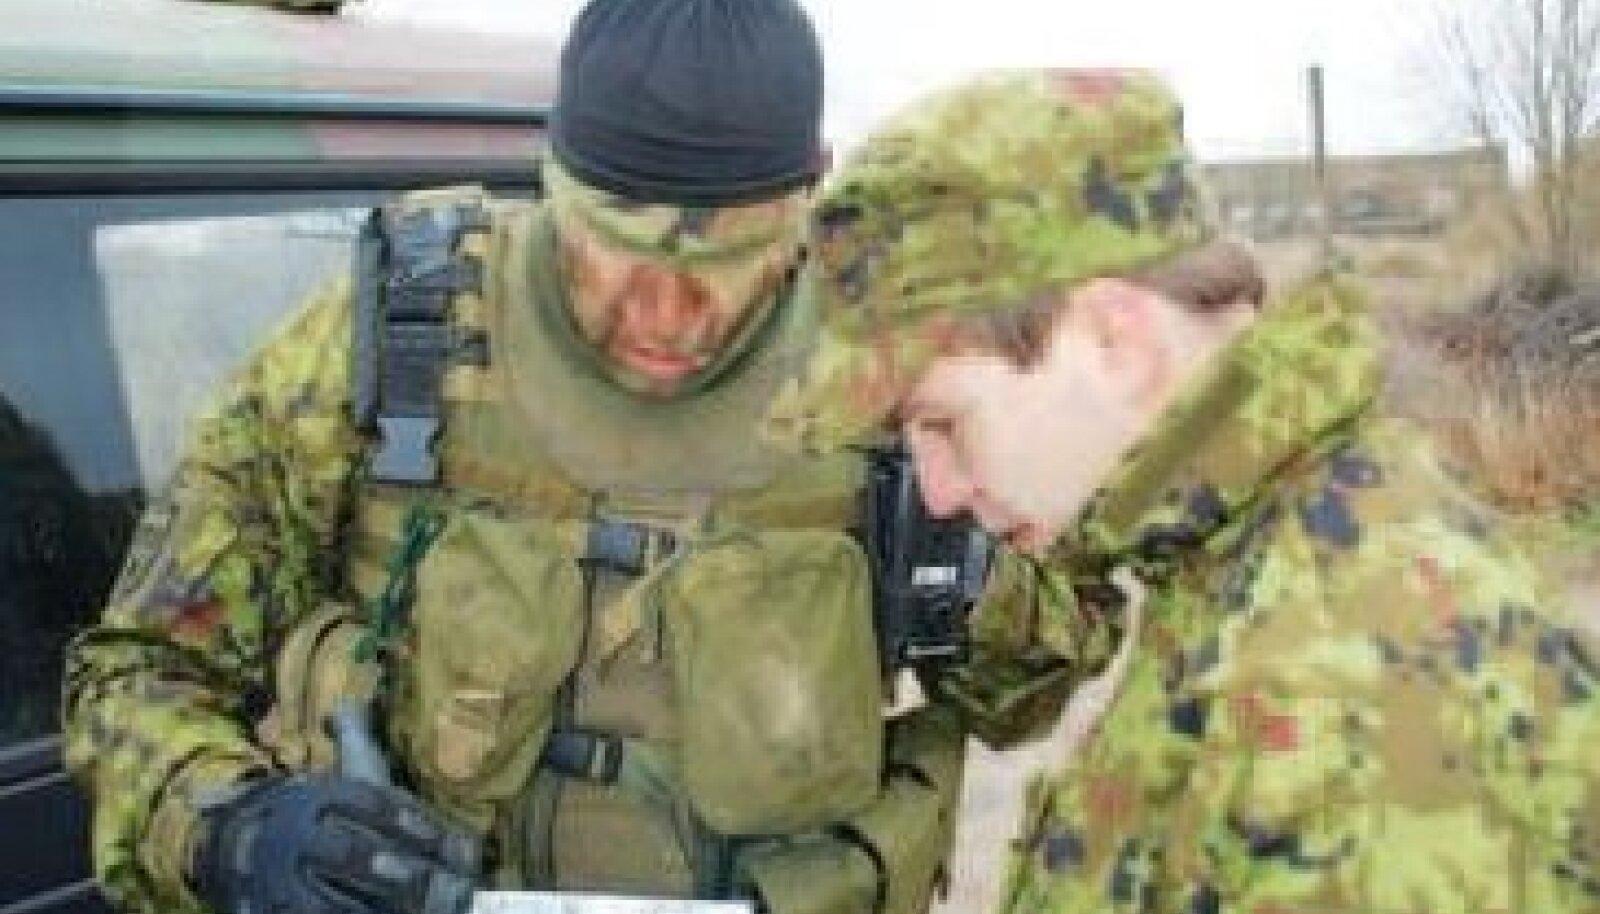 Õppuste plaani uurivad leitnant Lauri Teppo (vasakul) ja nooremleitnant Oliver Tsarski. Abiks on raketibaasi kaart. Foto: Allar Viivik